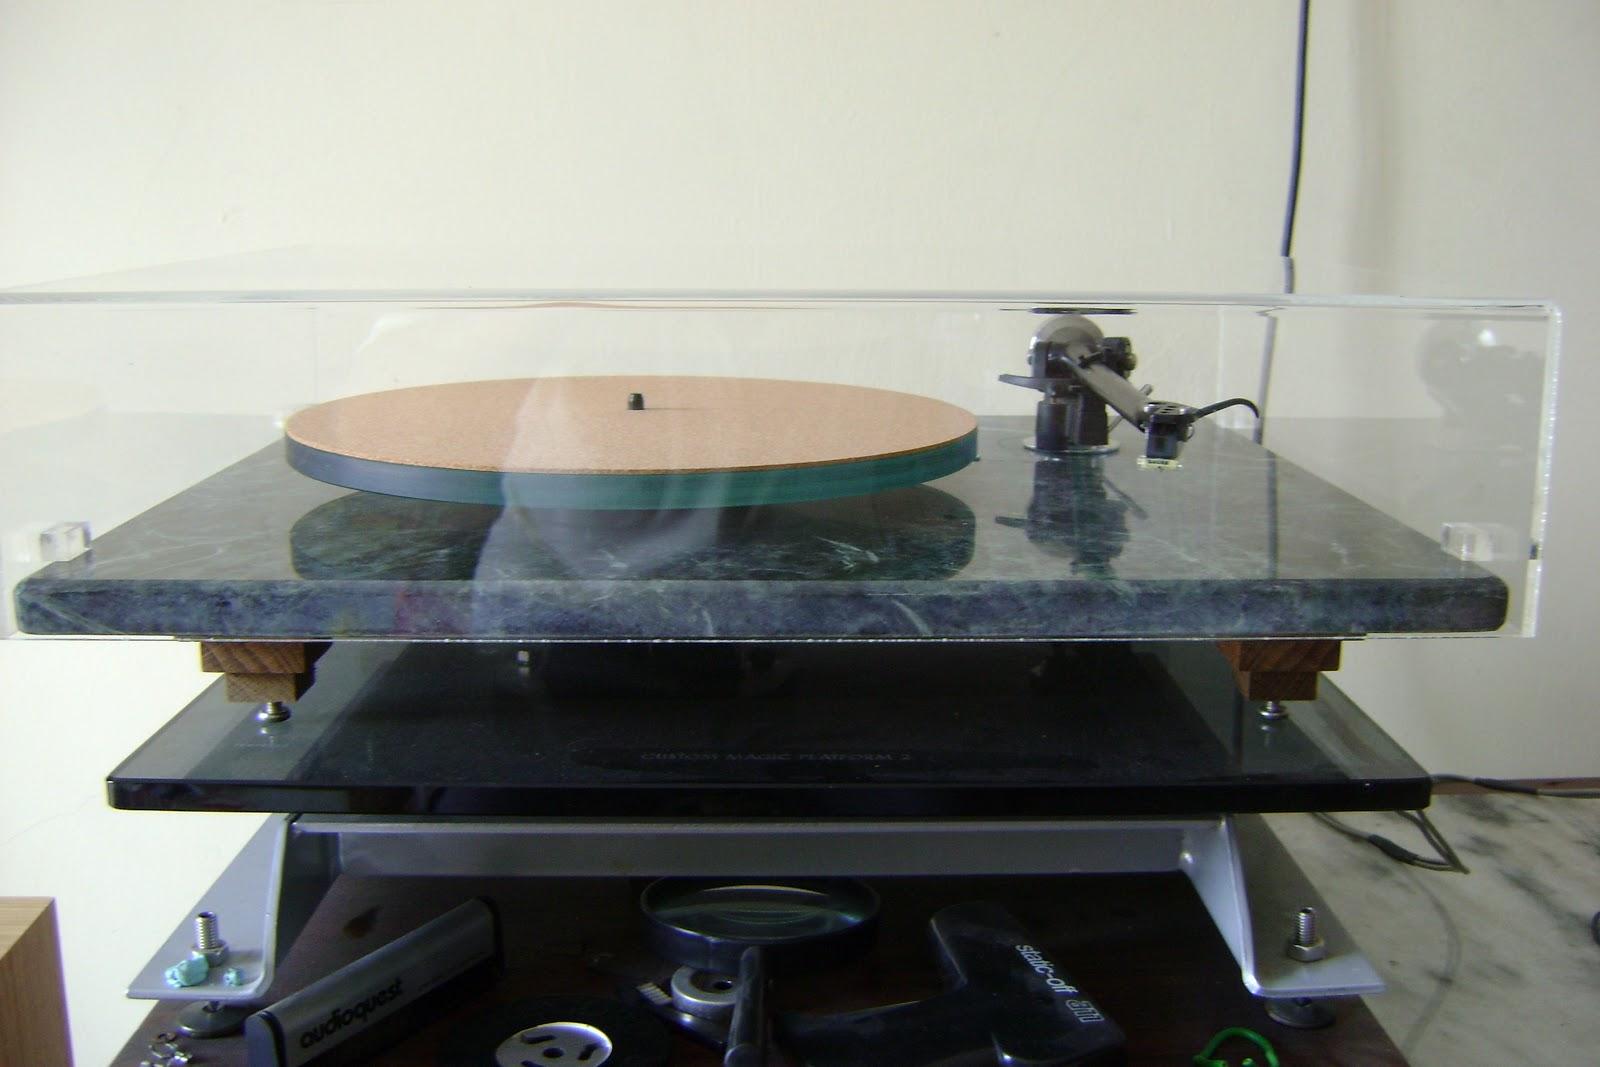 Kinta Valley Audio Rega Planar 3 Turntable Used Sold